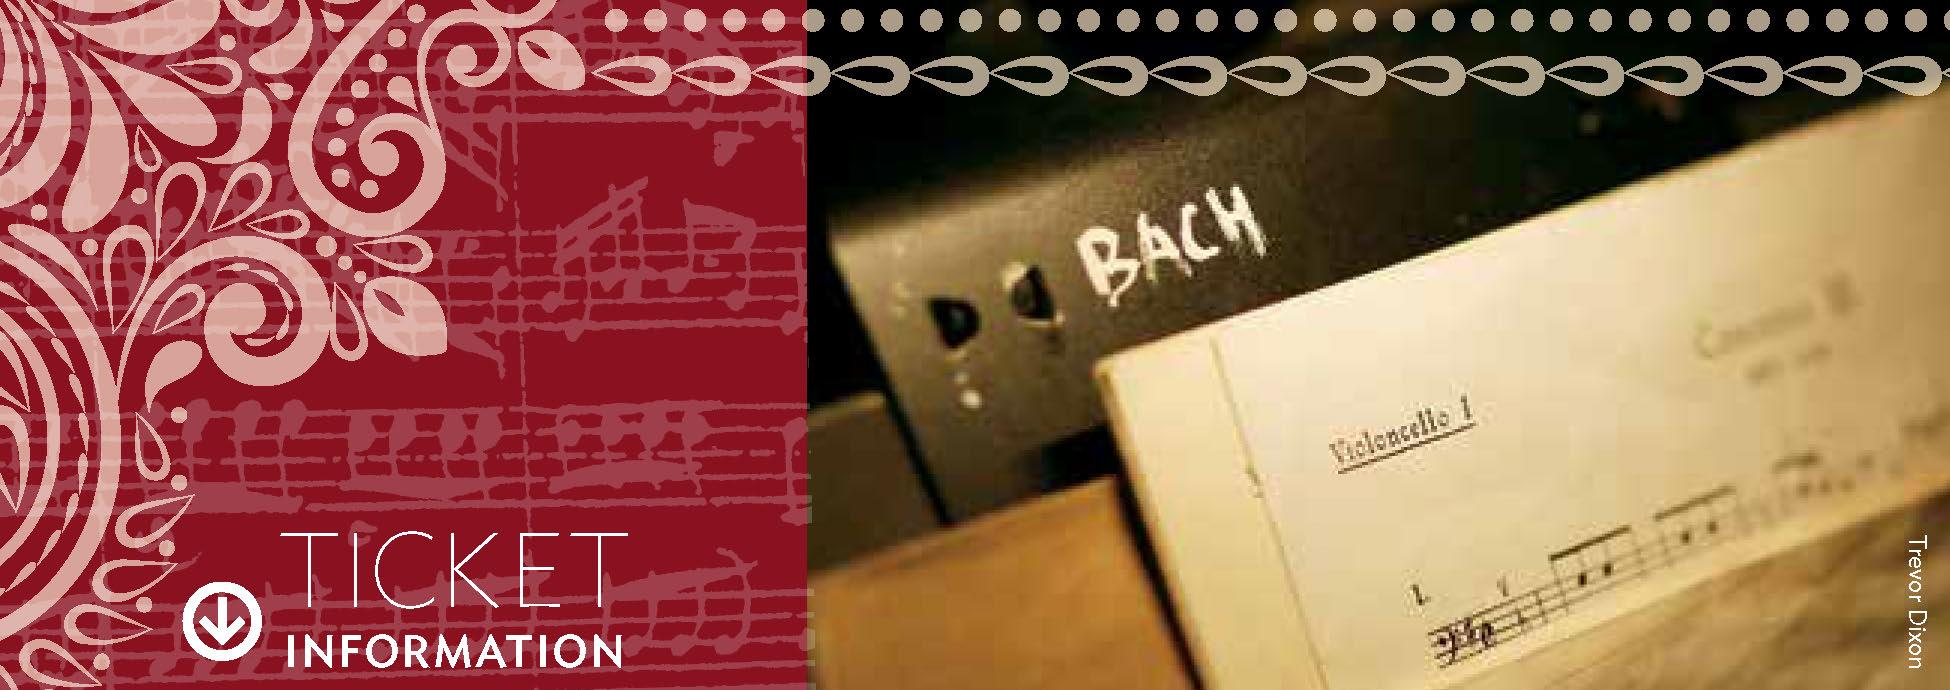 111th Bethlehem Bach Festival: The Heart of Our Season — The